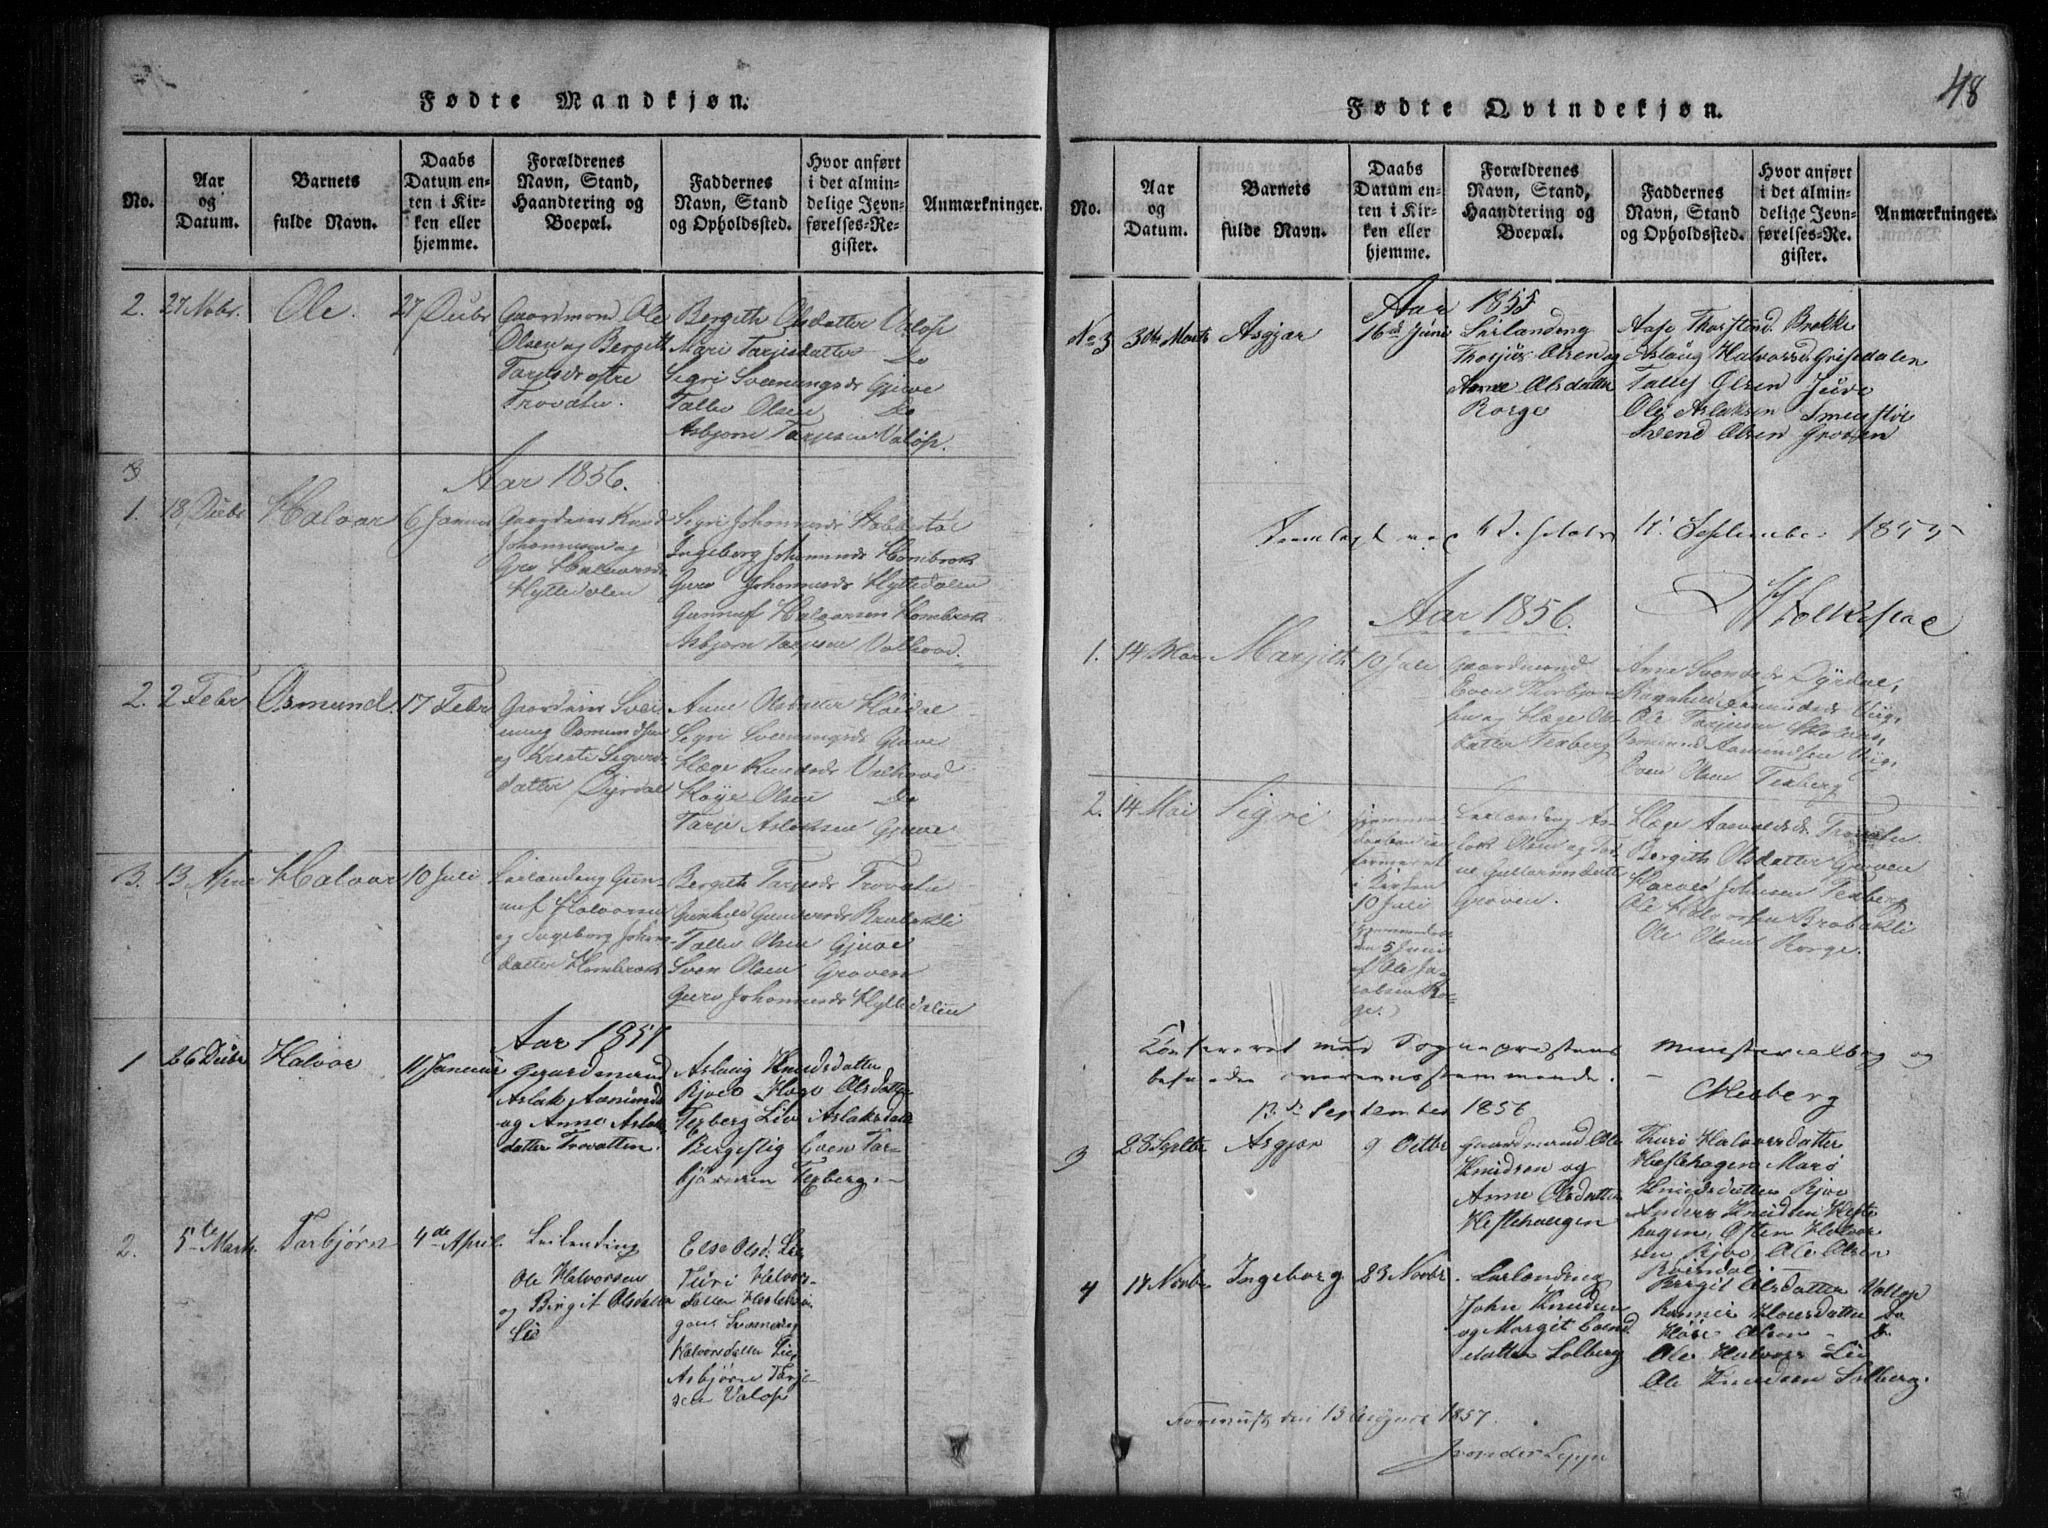 SAKO, Rauland kirkebøker, G/Gb/L0001: Klokkerbok nr. II 1, 1815-1886, s. 48